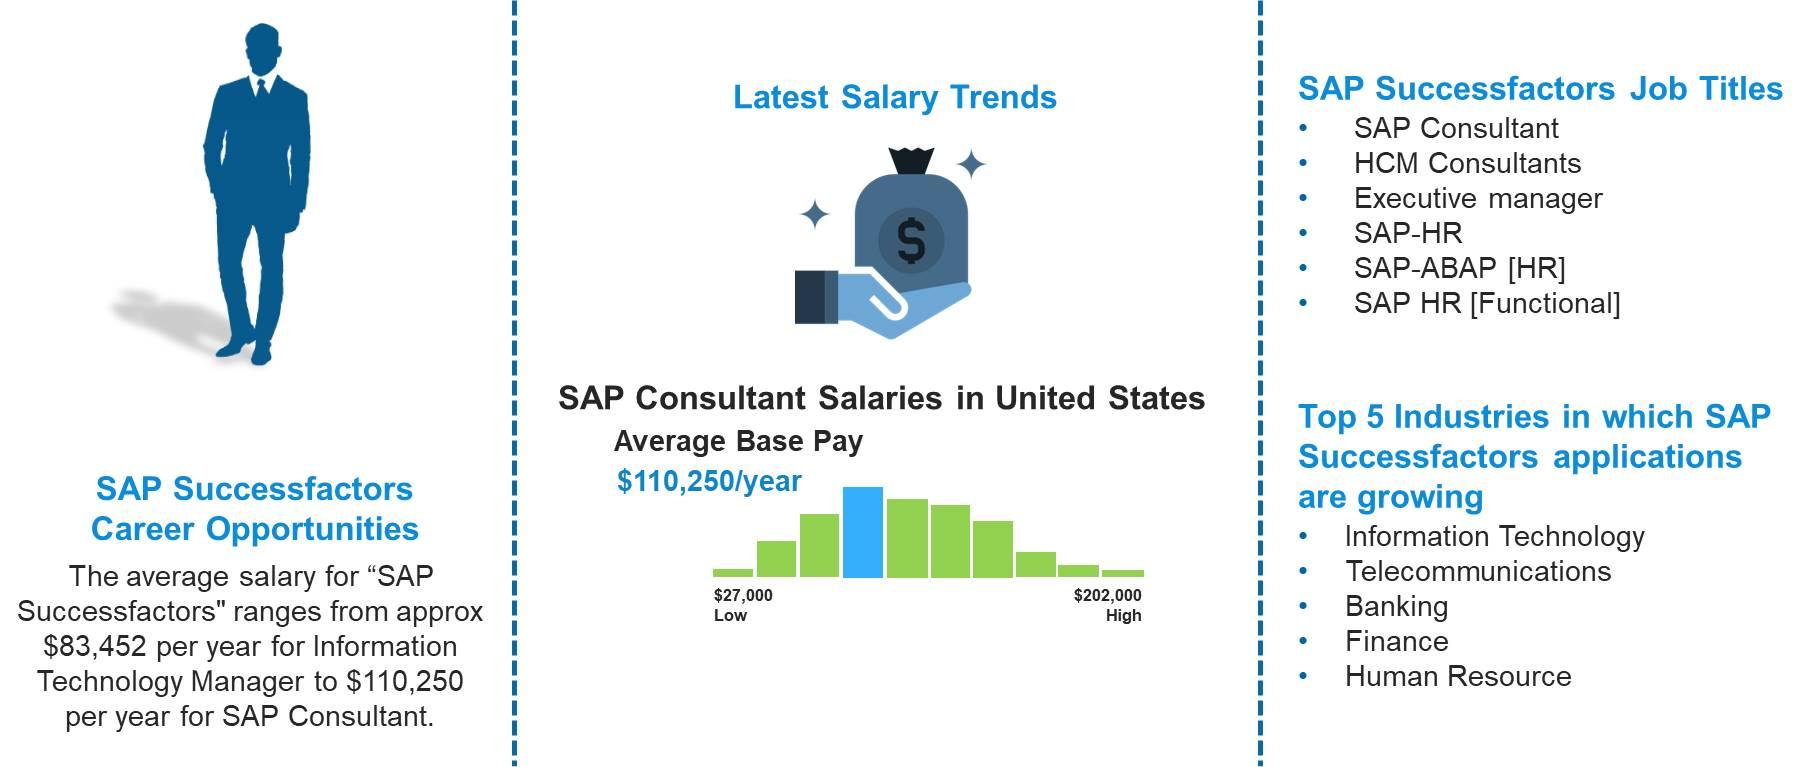 SAP Successactors